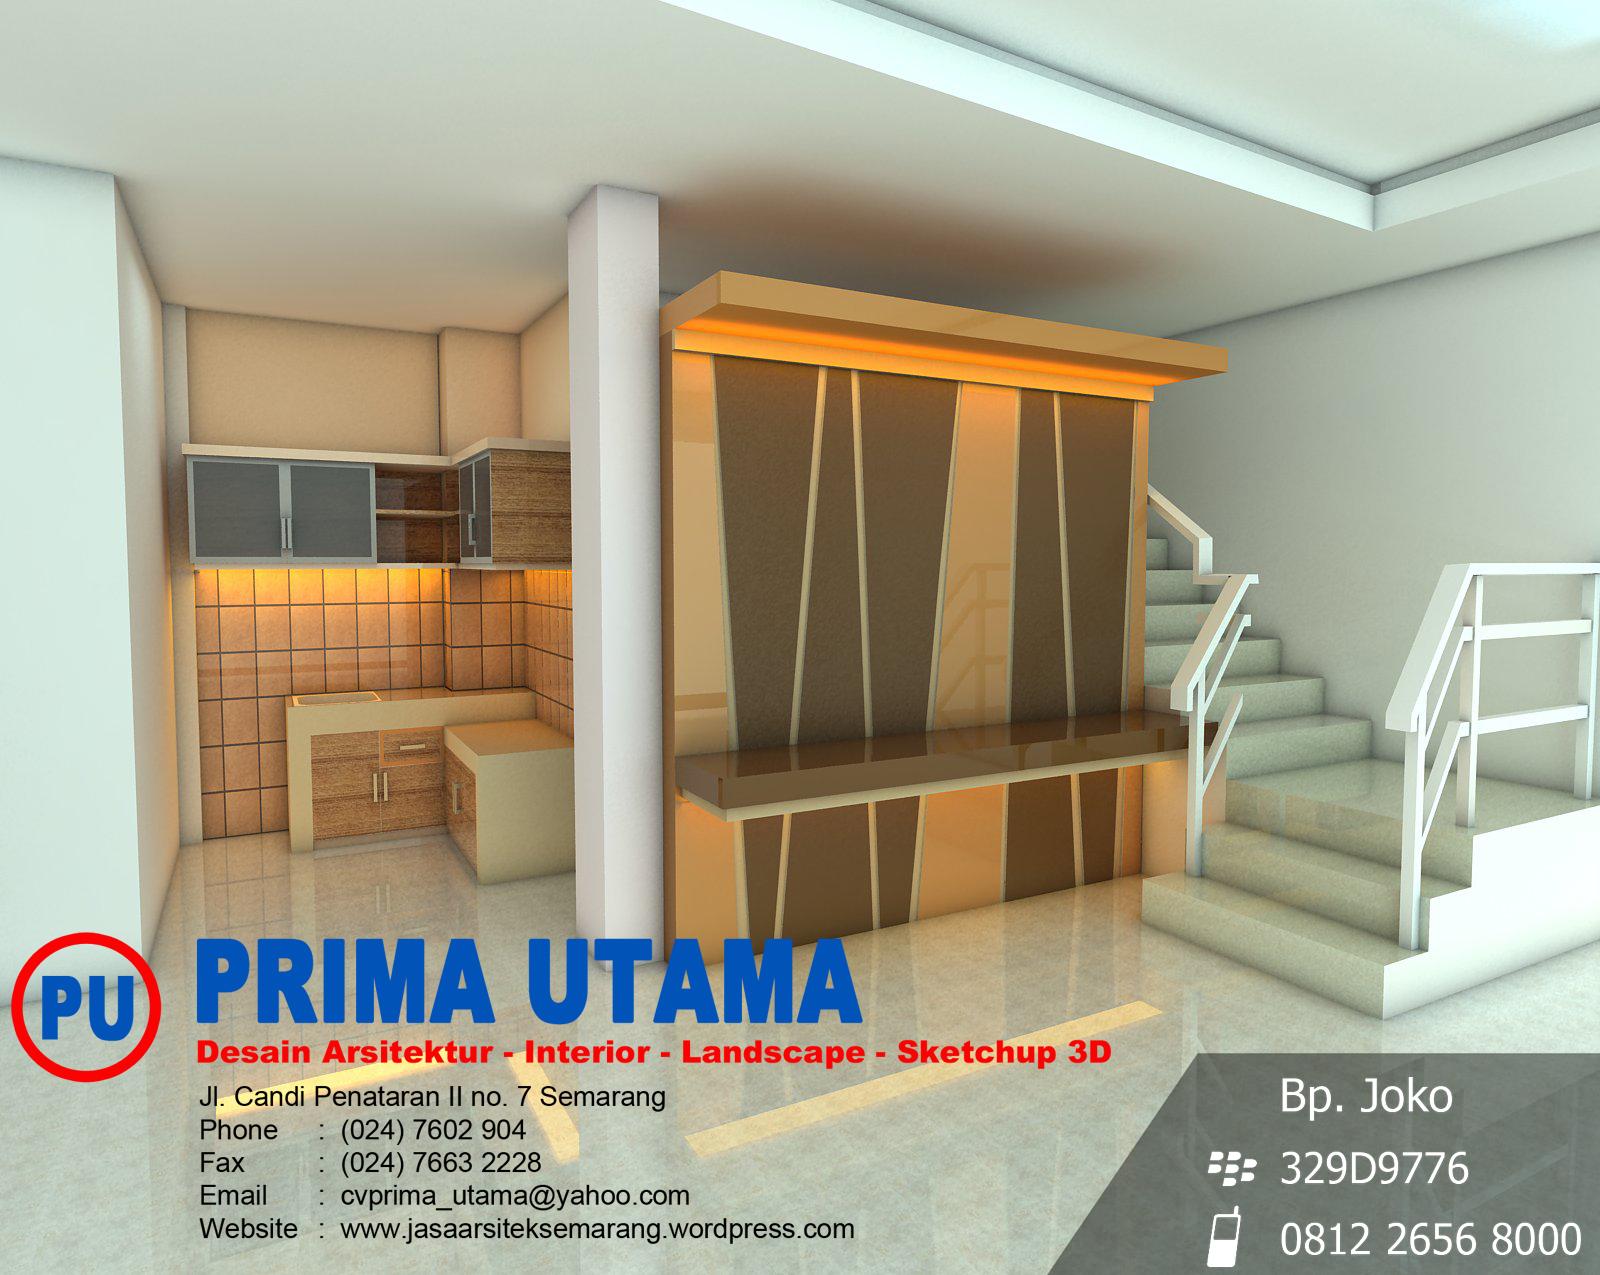 Gambar Gambar Pelayanan Prima Di Kantor Inovasi Pelayanan Ktp Di Kabupaten Kudus Menpangoid Tagdesign Interior Rumah Di Semarang Gambar Rumah Minimalis